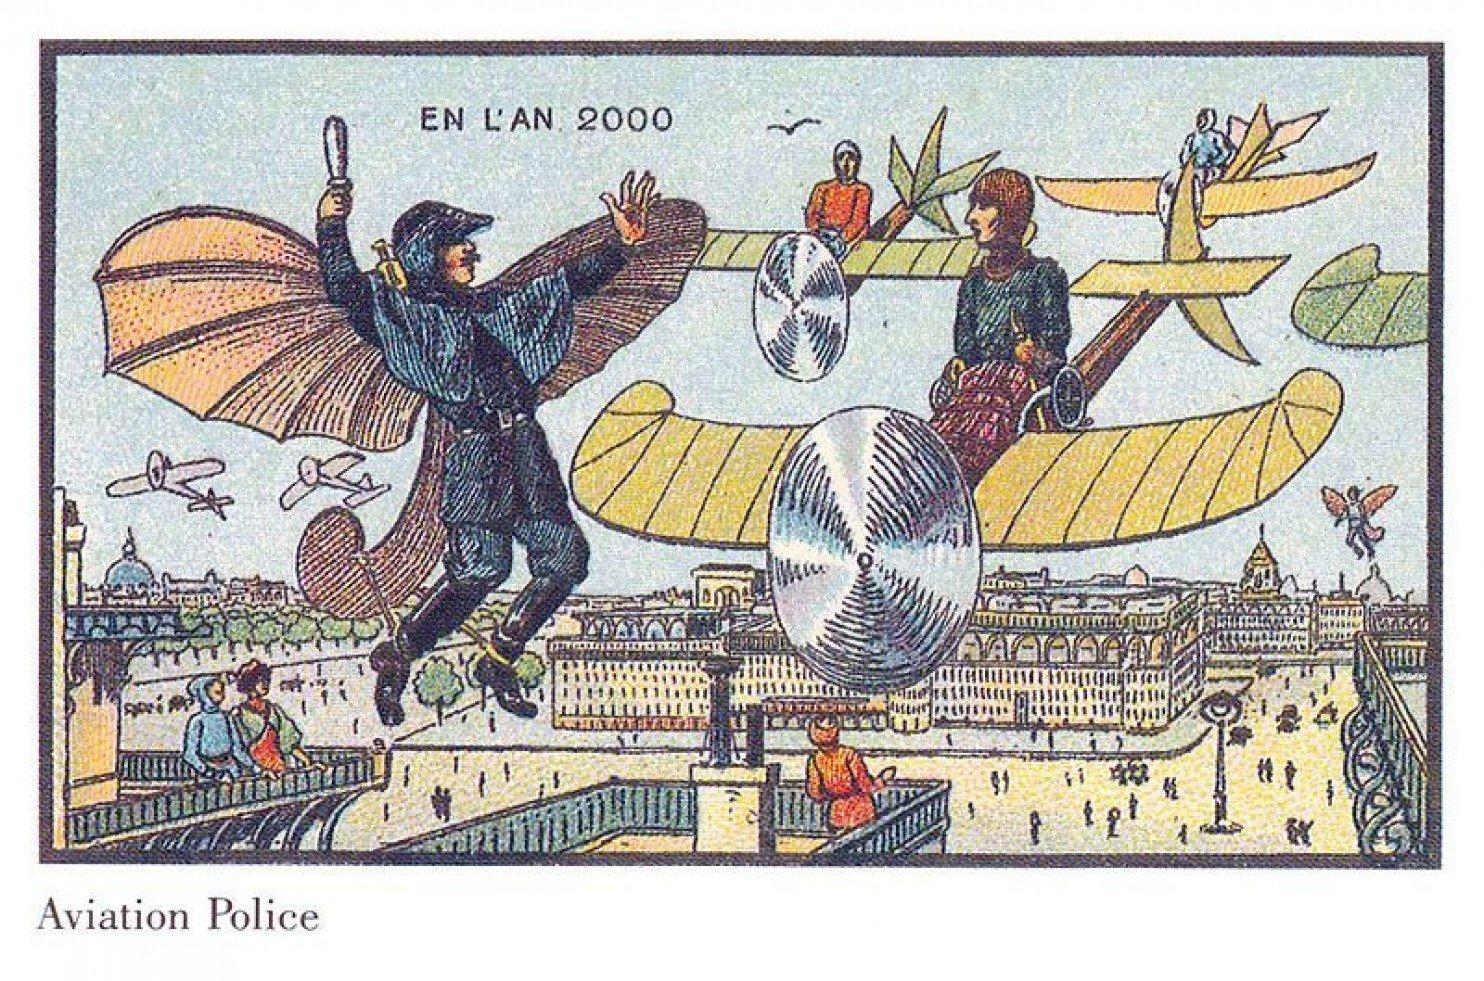 como imaginaban el futuro en 1900 ilustraciones 14